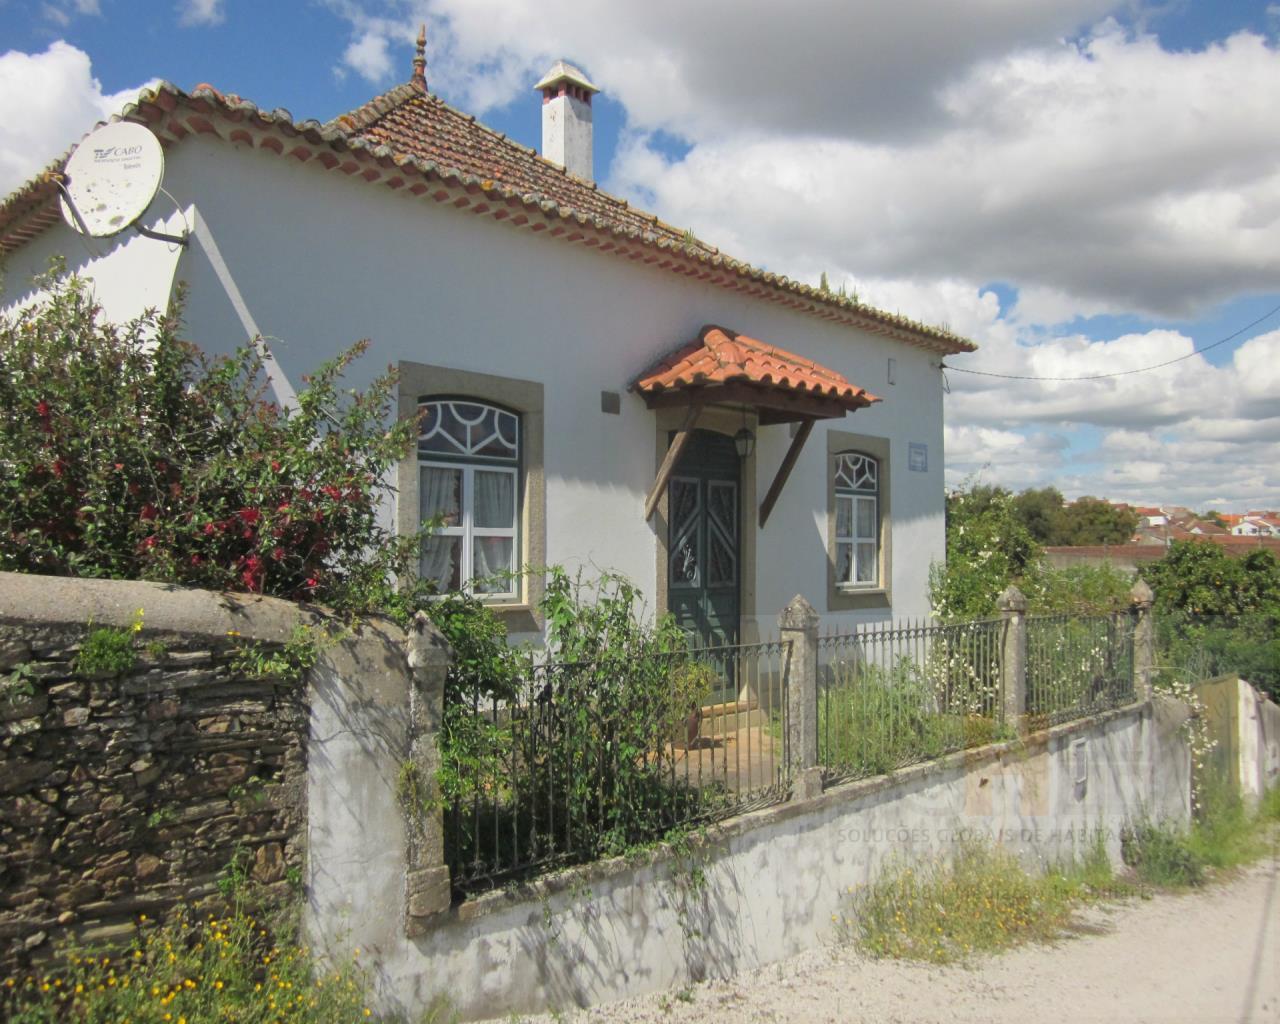 Venda Moradia Rustica com garagem e terreno Cebolais de Cima Castelo Branco, Castelo Branco, Castelo Branco